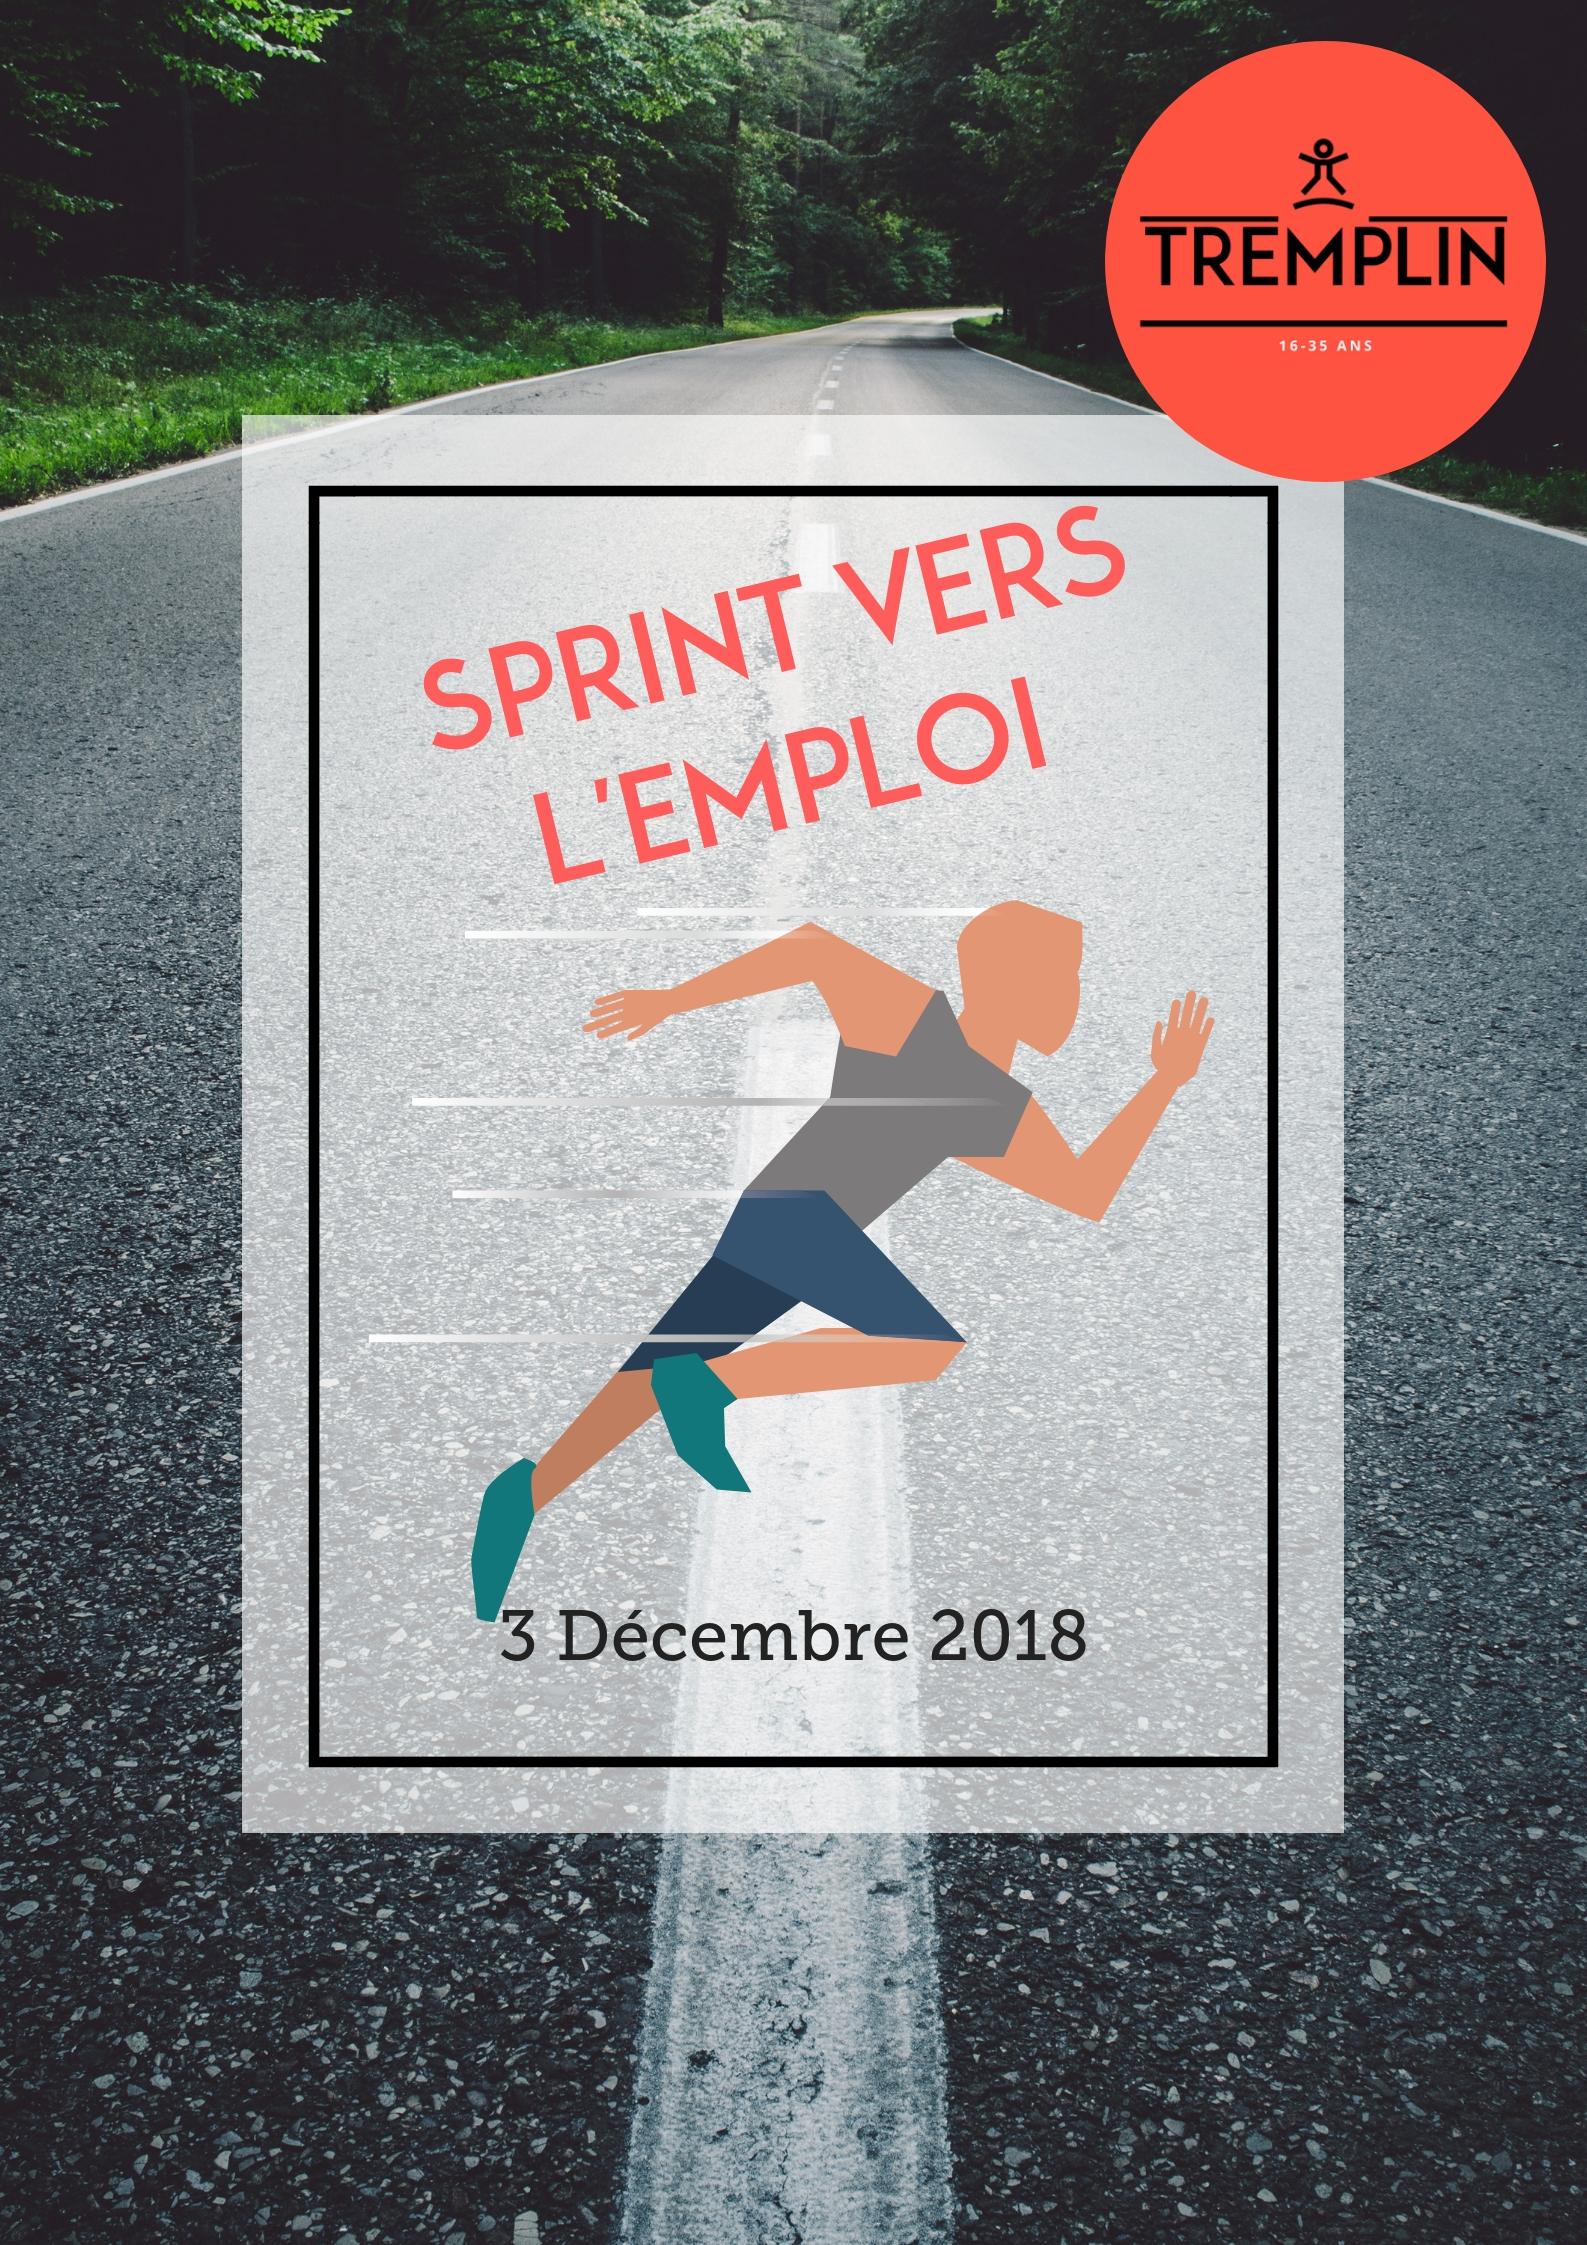 Image Sprint Vers L'emploi – 3 Décembre